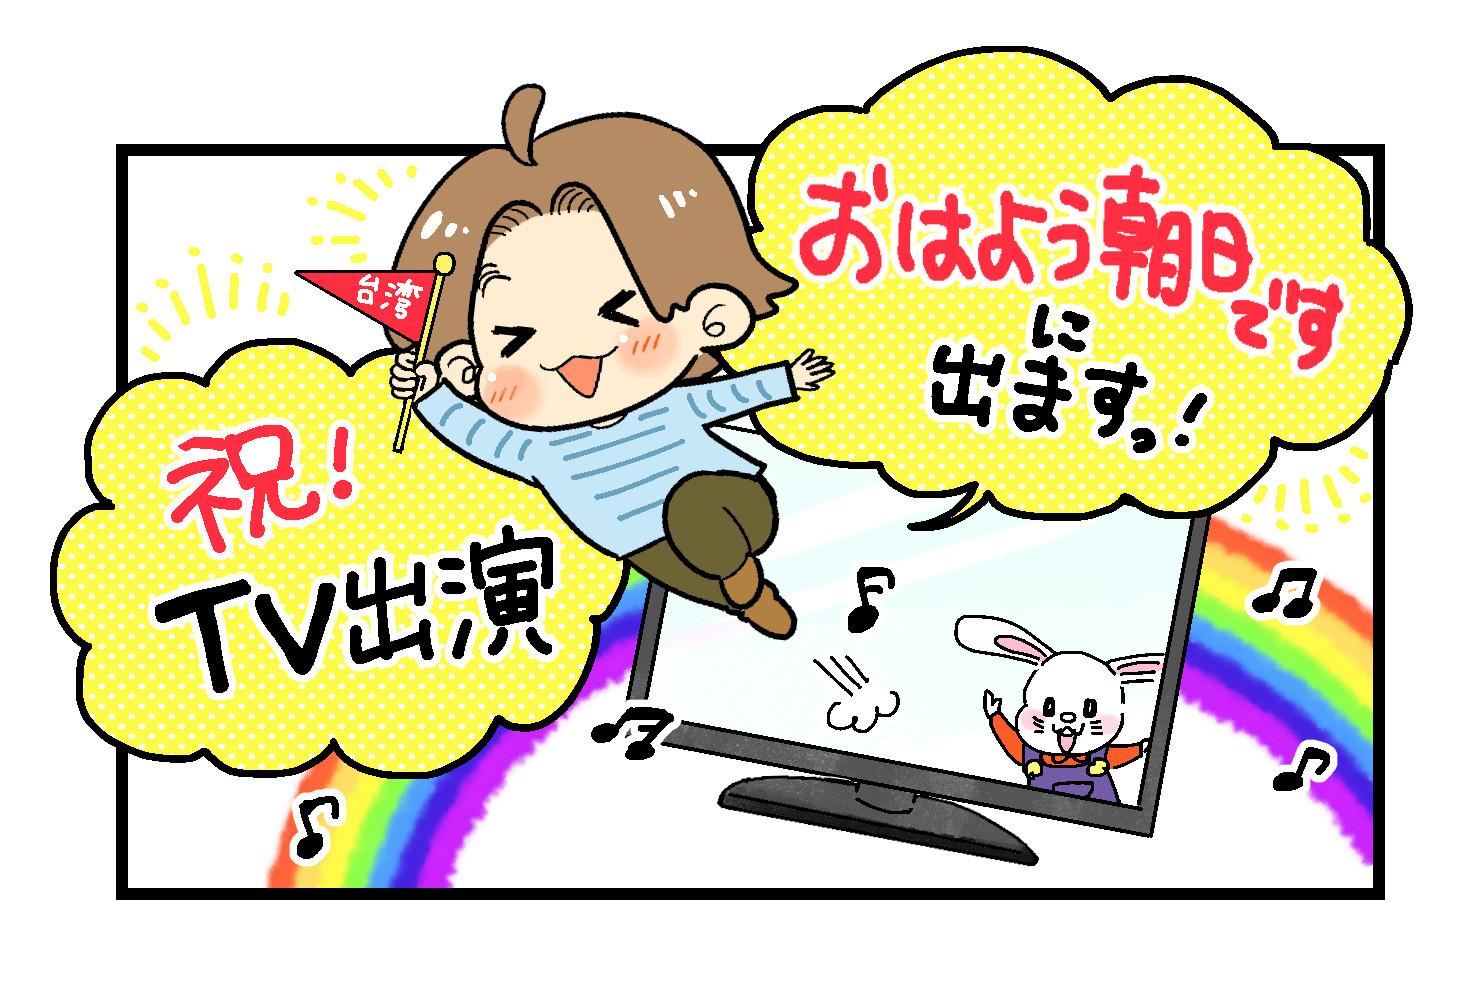 告知】テレビ出演のお知らせ ABC...